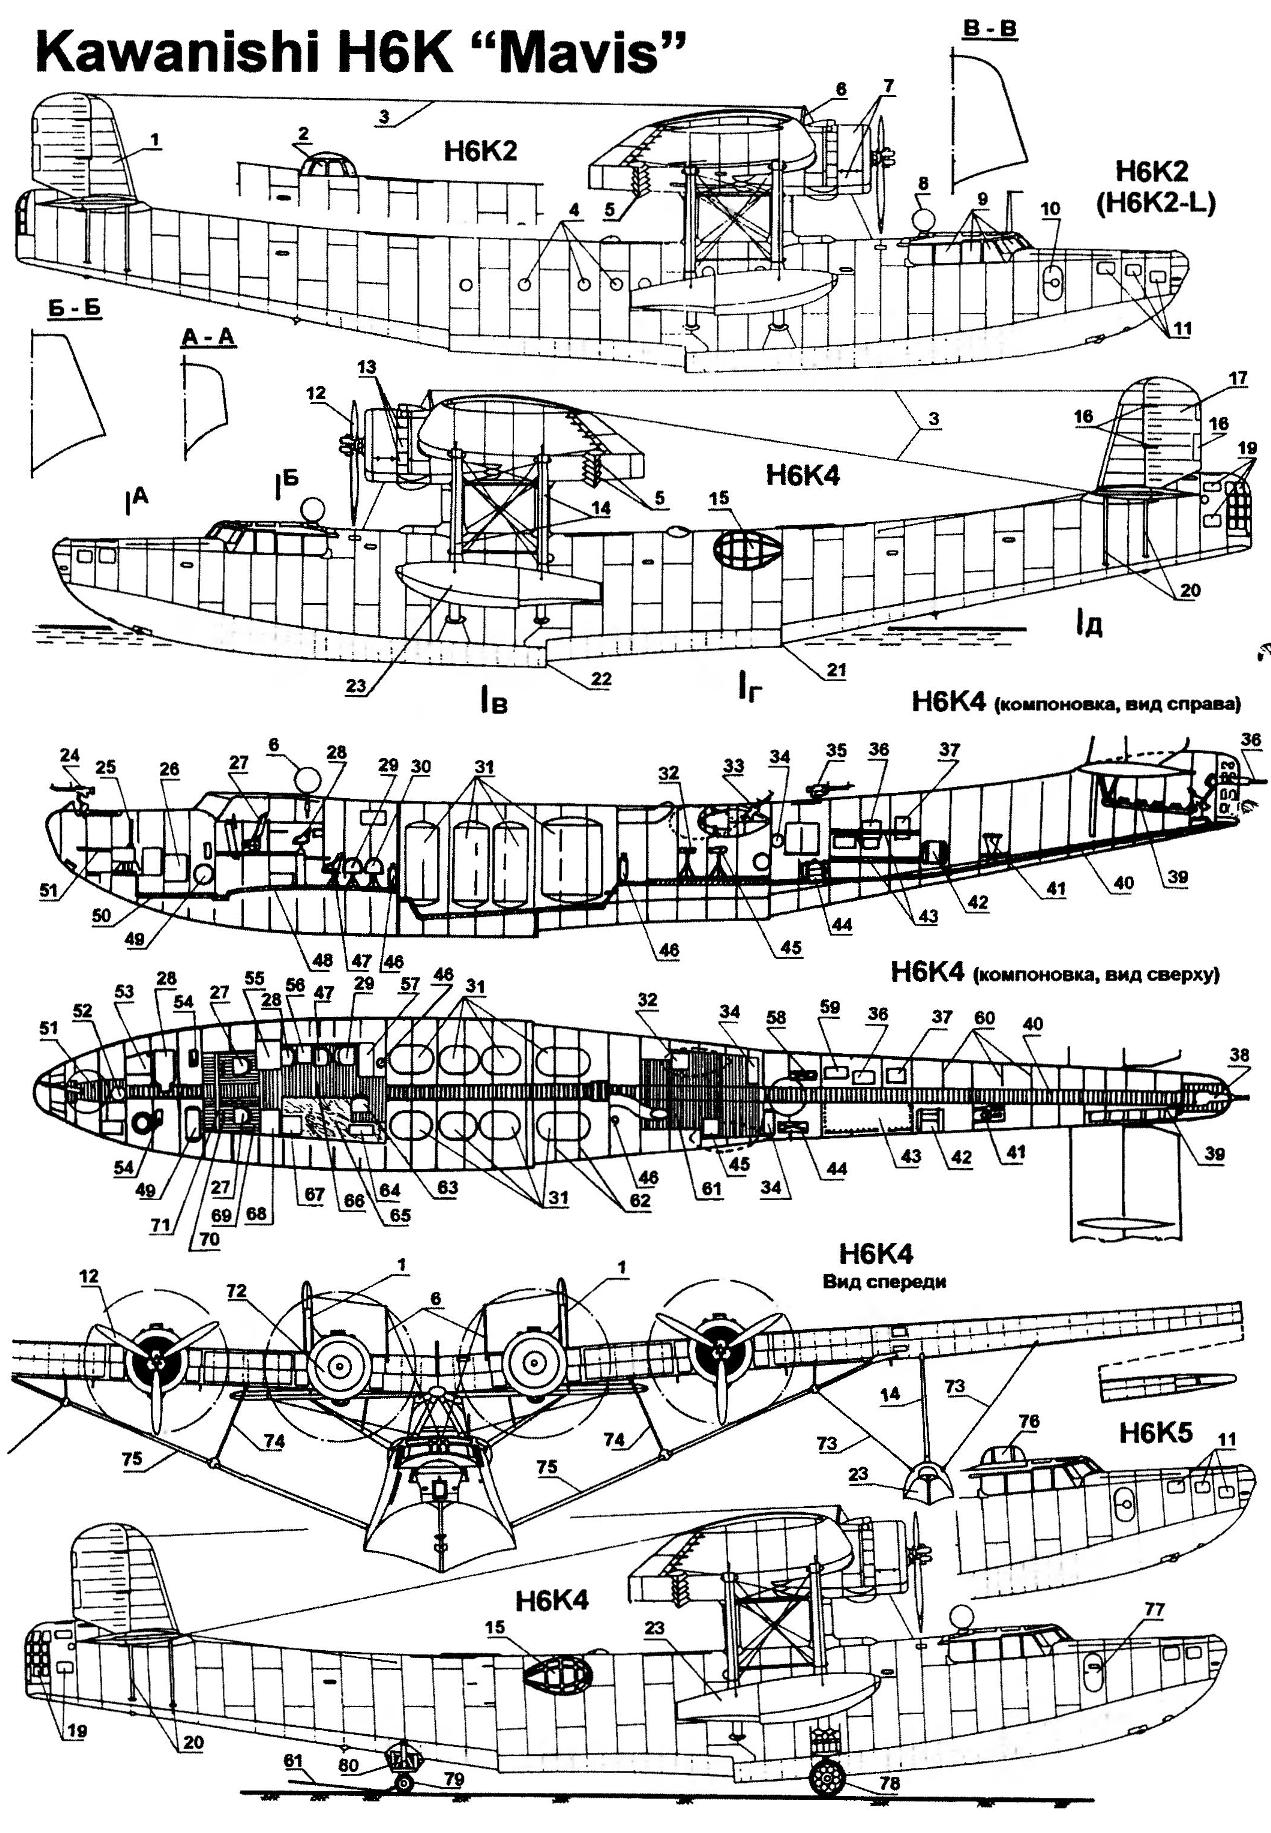 Flying Cruiser Of The Japanese Fleet